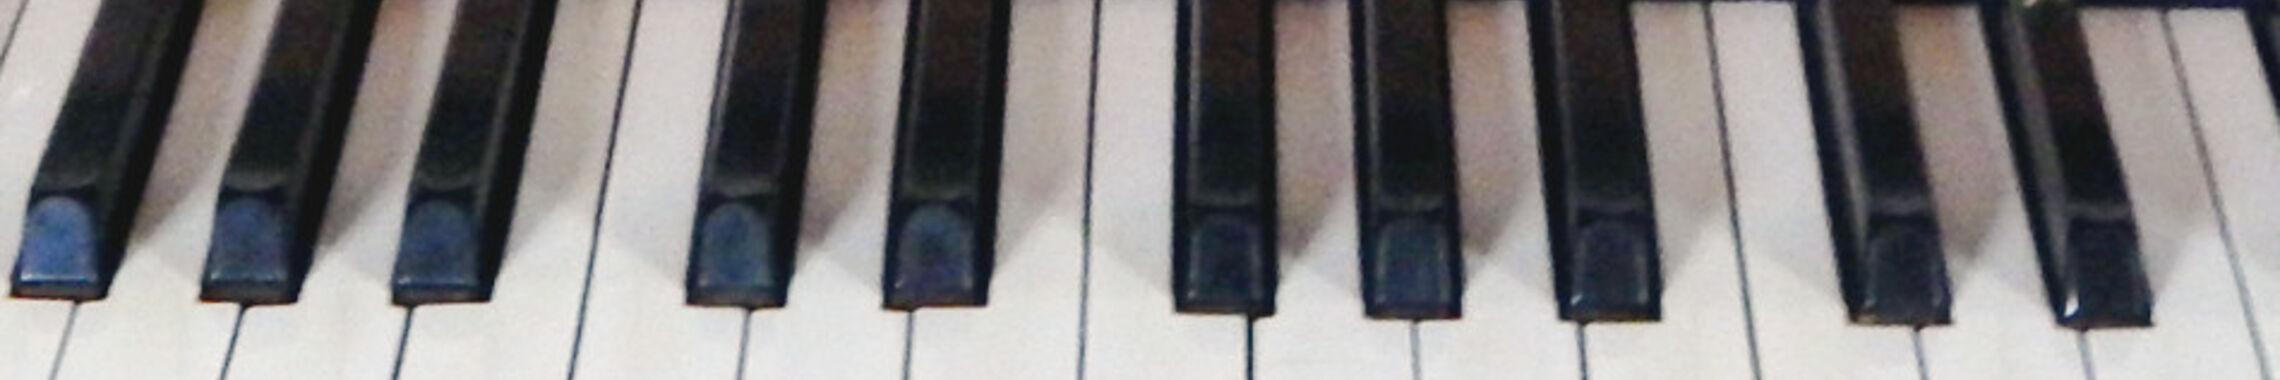 header_angebote_kirchenmusik